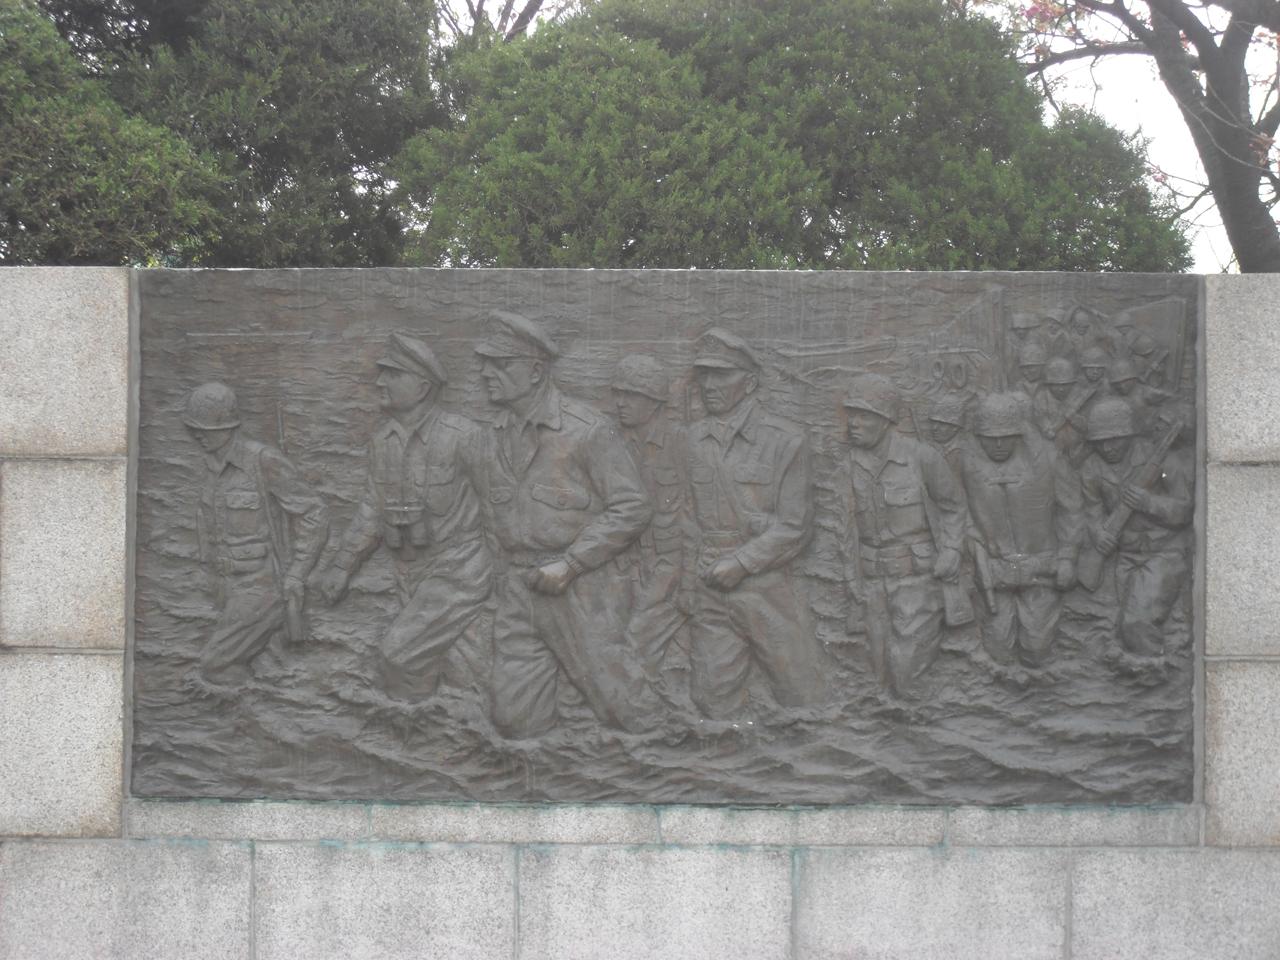 인천에 상륙하는 미군의 모습. 인천시 중구 송학동의 자유공원에서 찍은 사진.